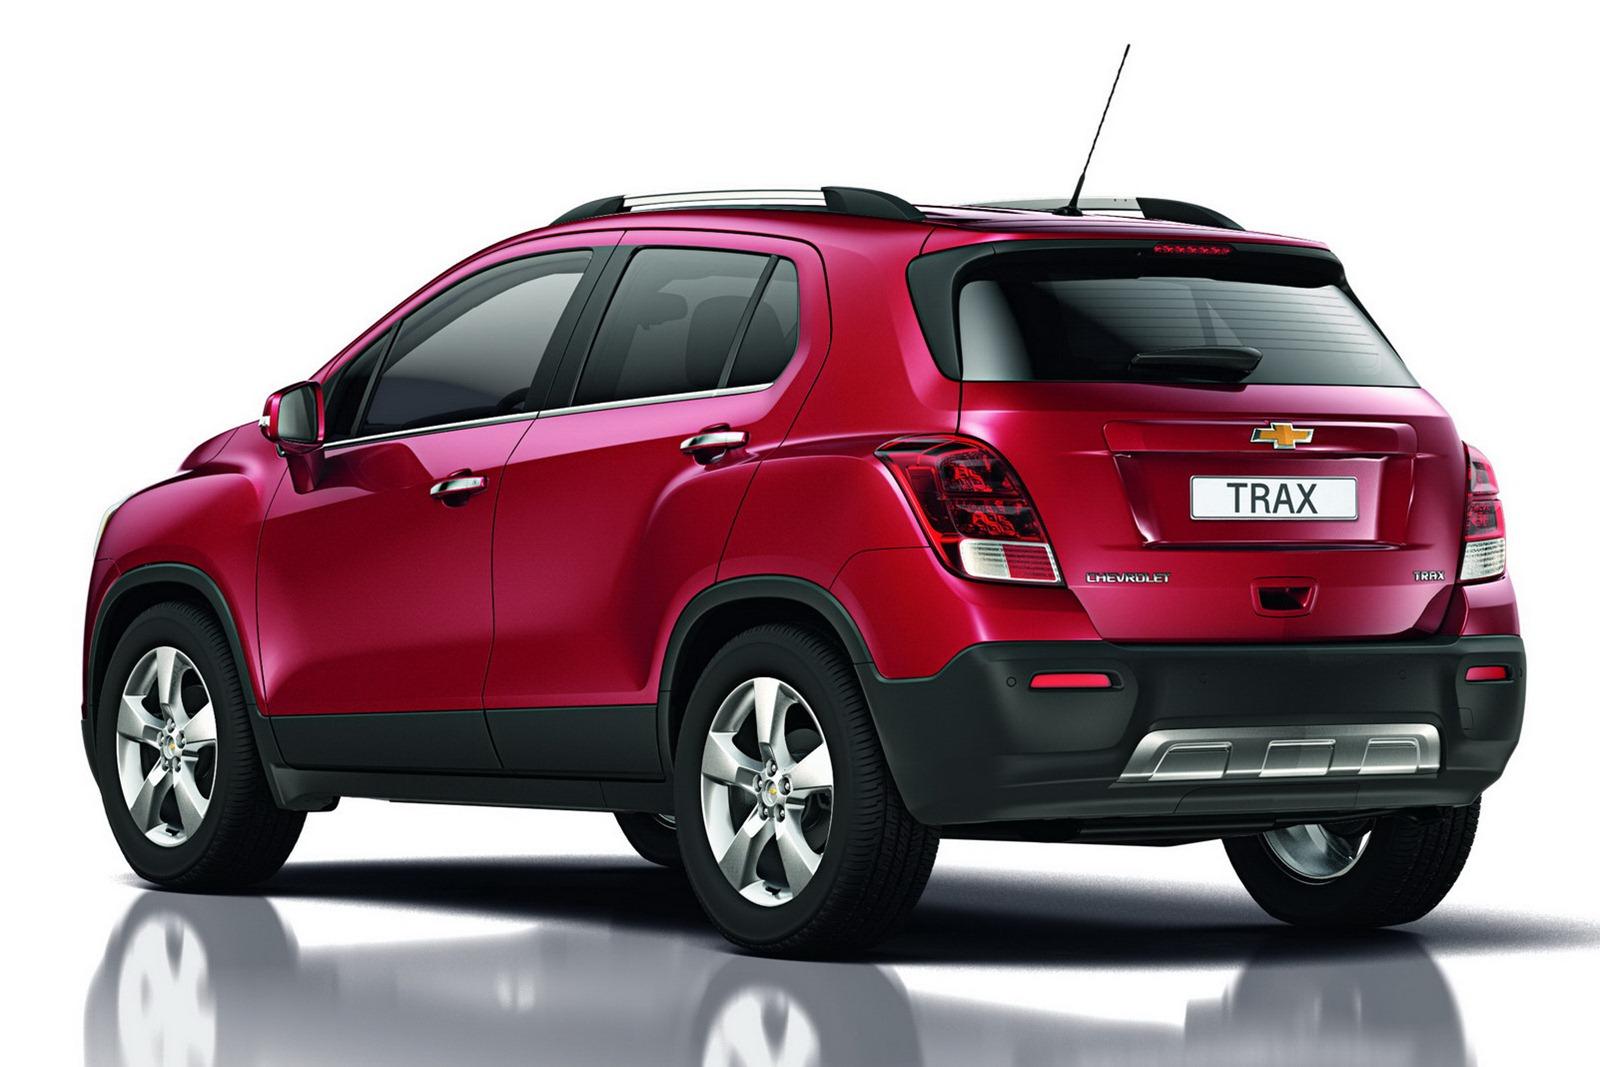 Recensione Chevrolet Trax Recensioni